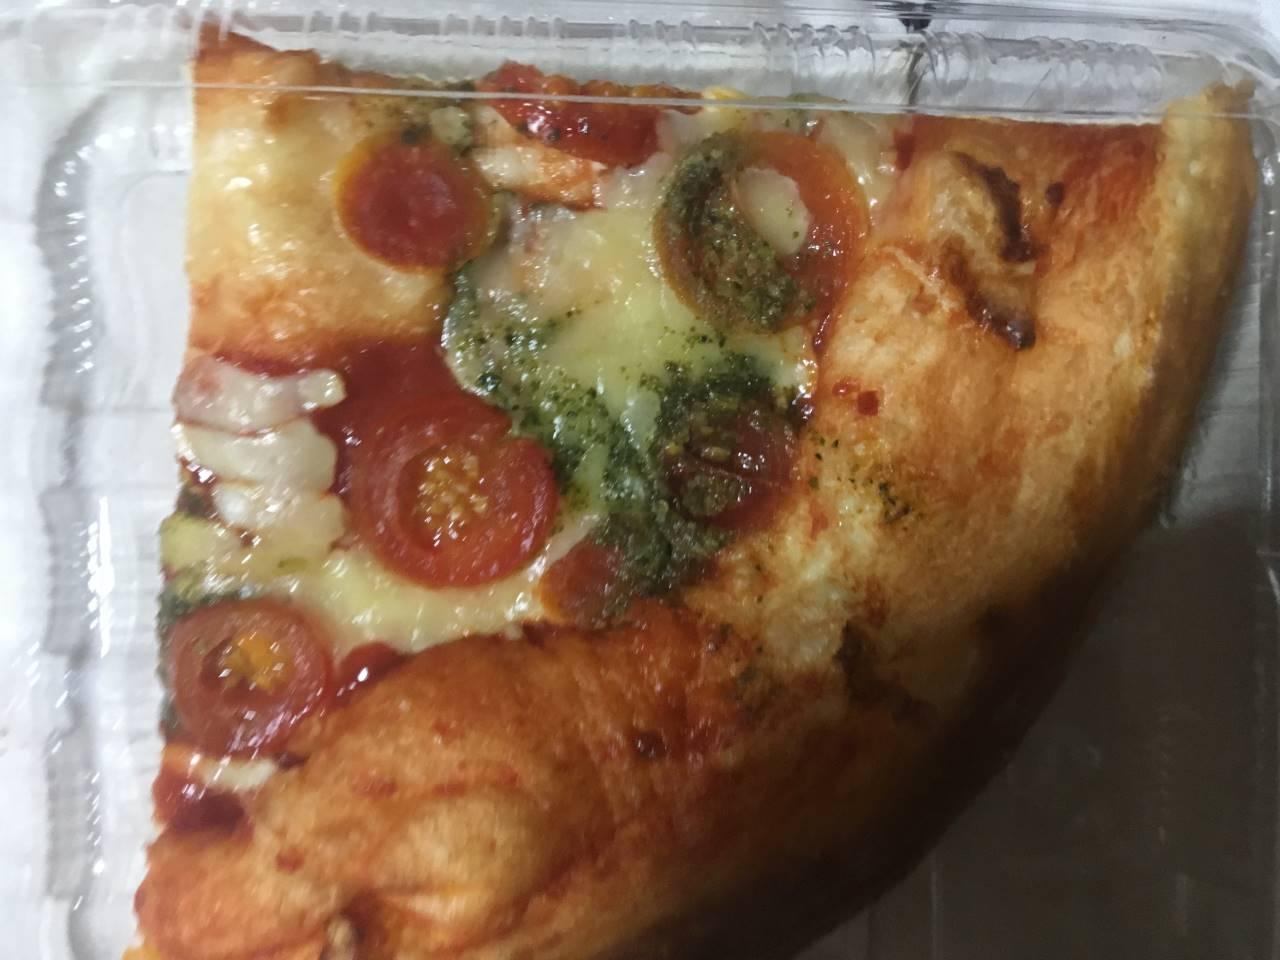 上面:OKのカットピザ チェリートマトのマルゲリータ